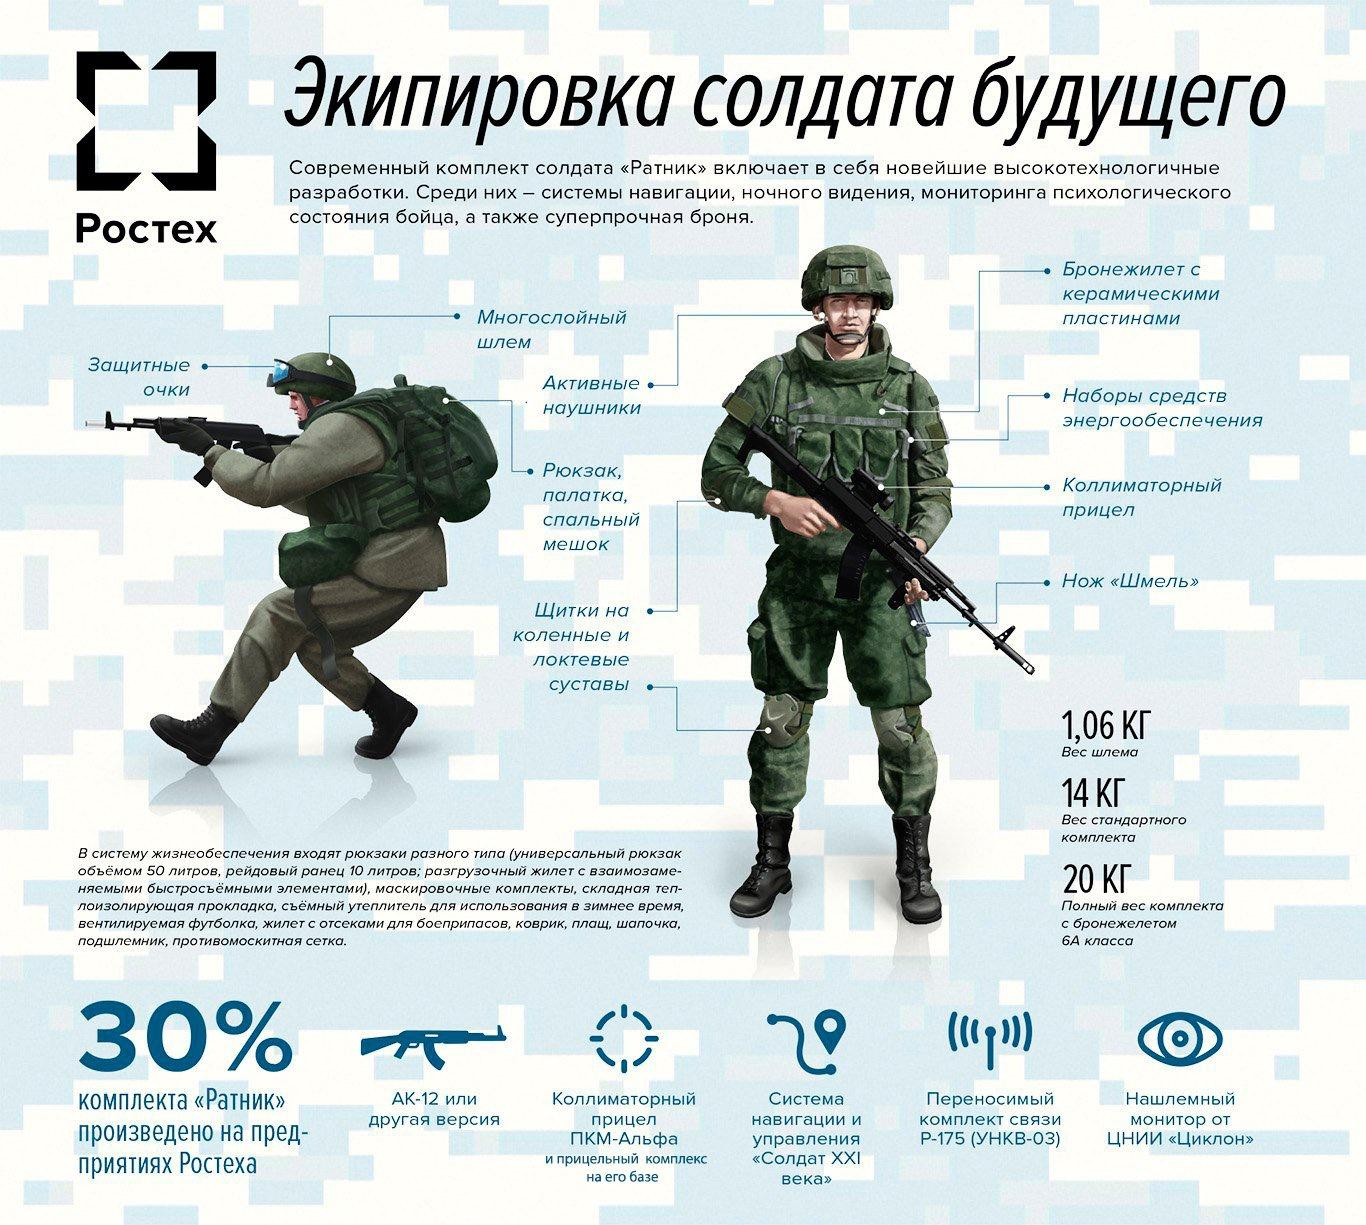 За три роки в Україні проведено понад 270 випробувань нових зразків озброєння і військової техніки, - Міноборони - Цензор.НЕТ 8467